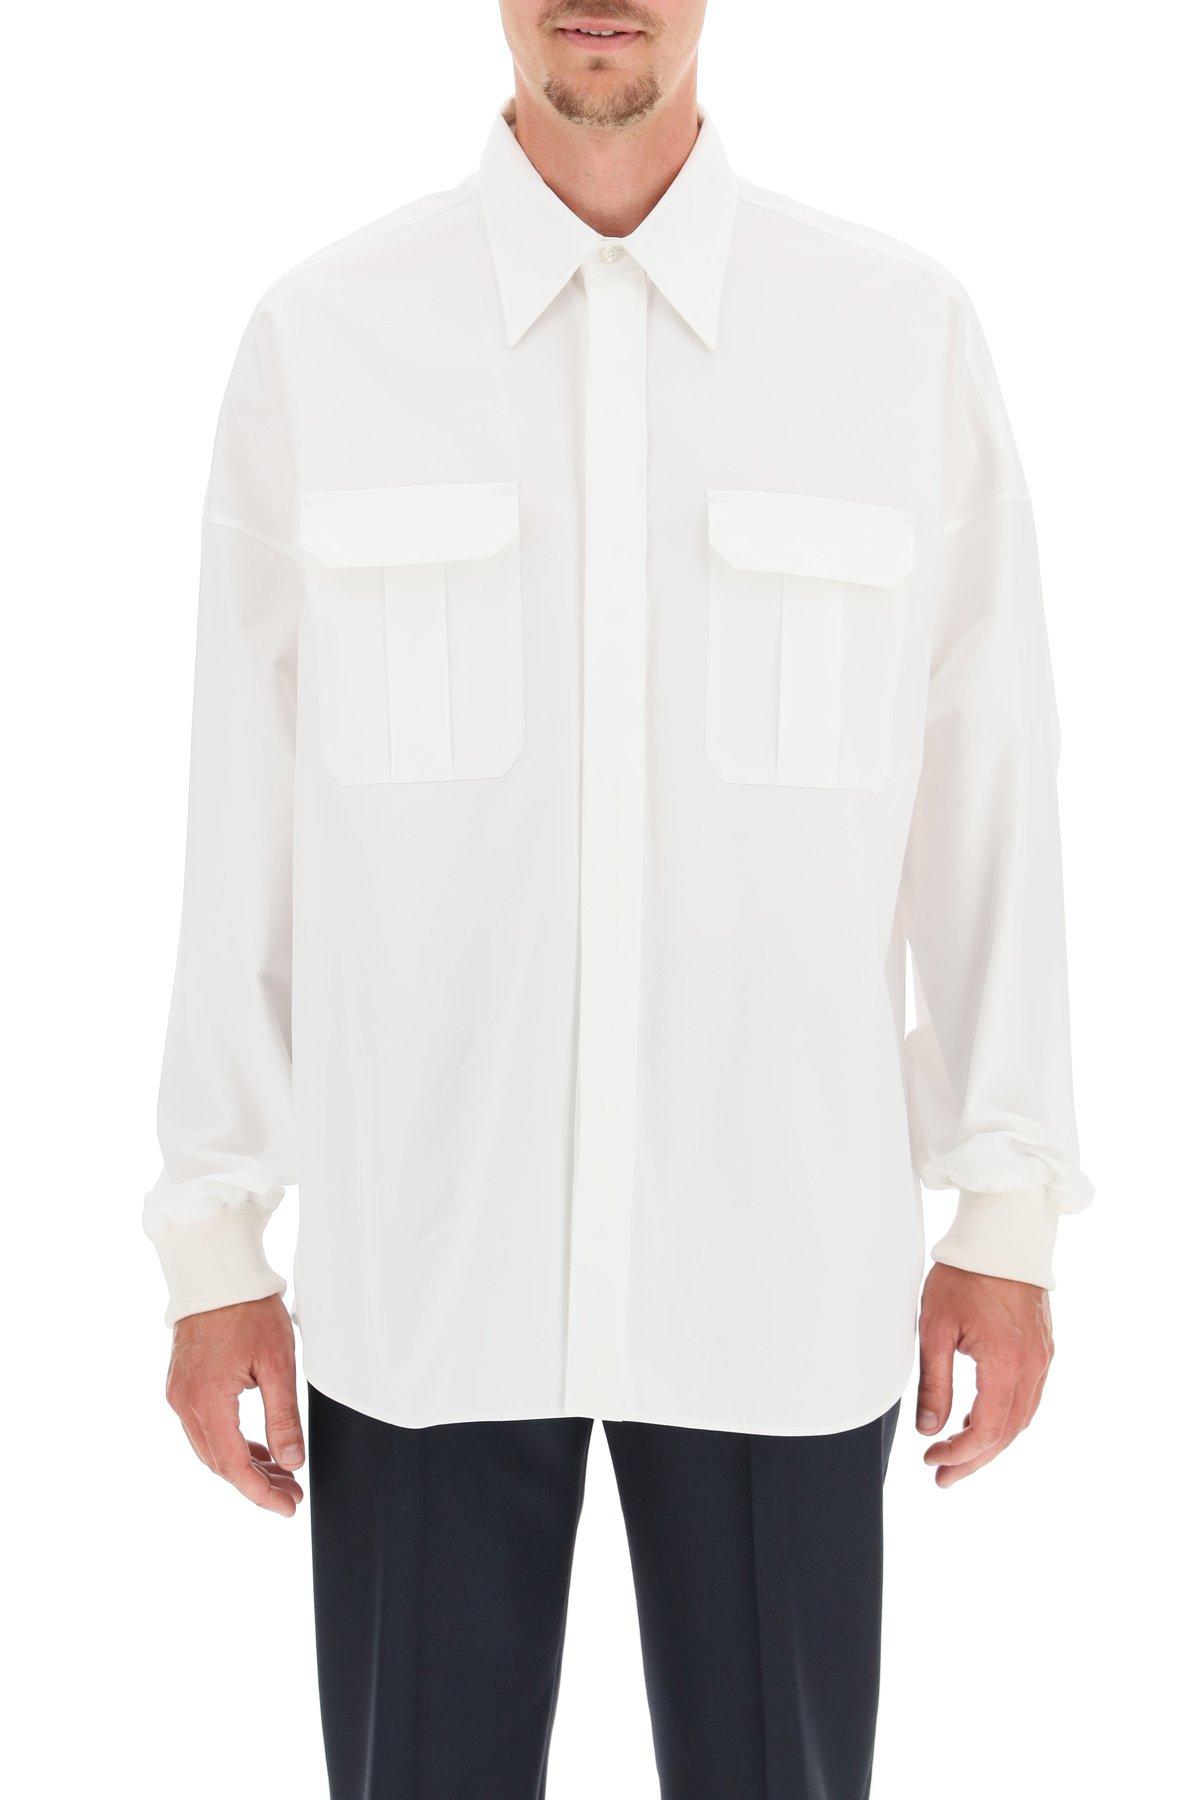 Alexander mcqueen camicia oversize in popeline con polsini elasticizzati